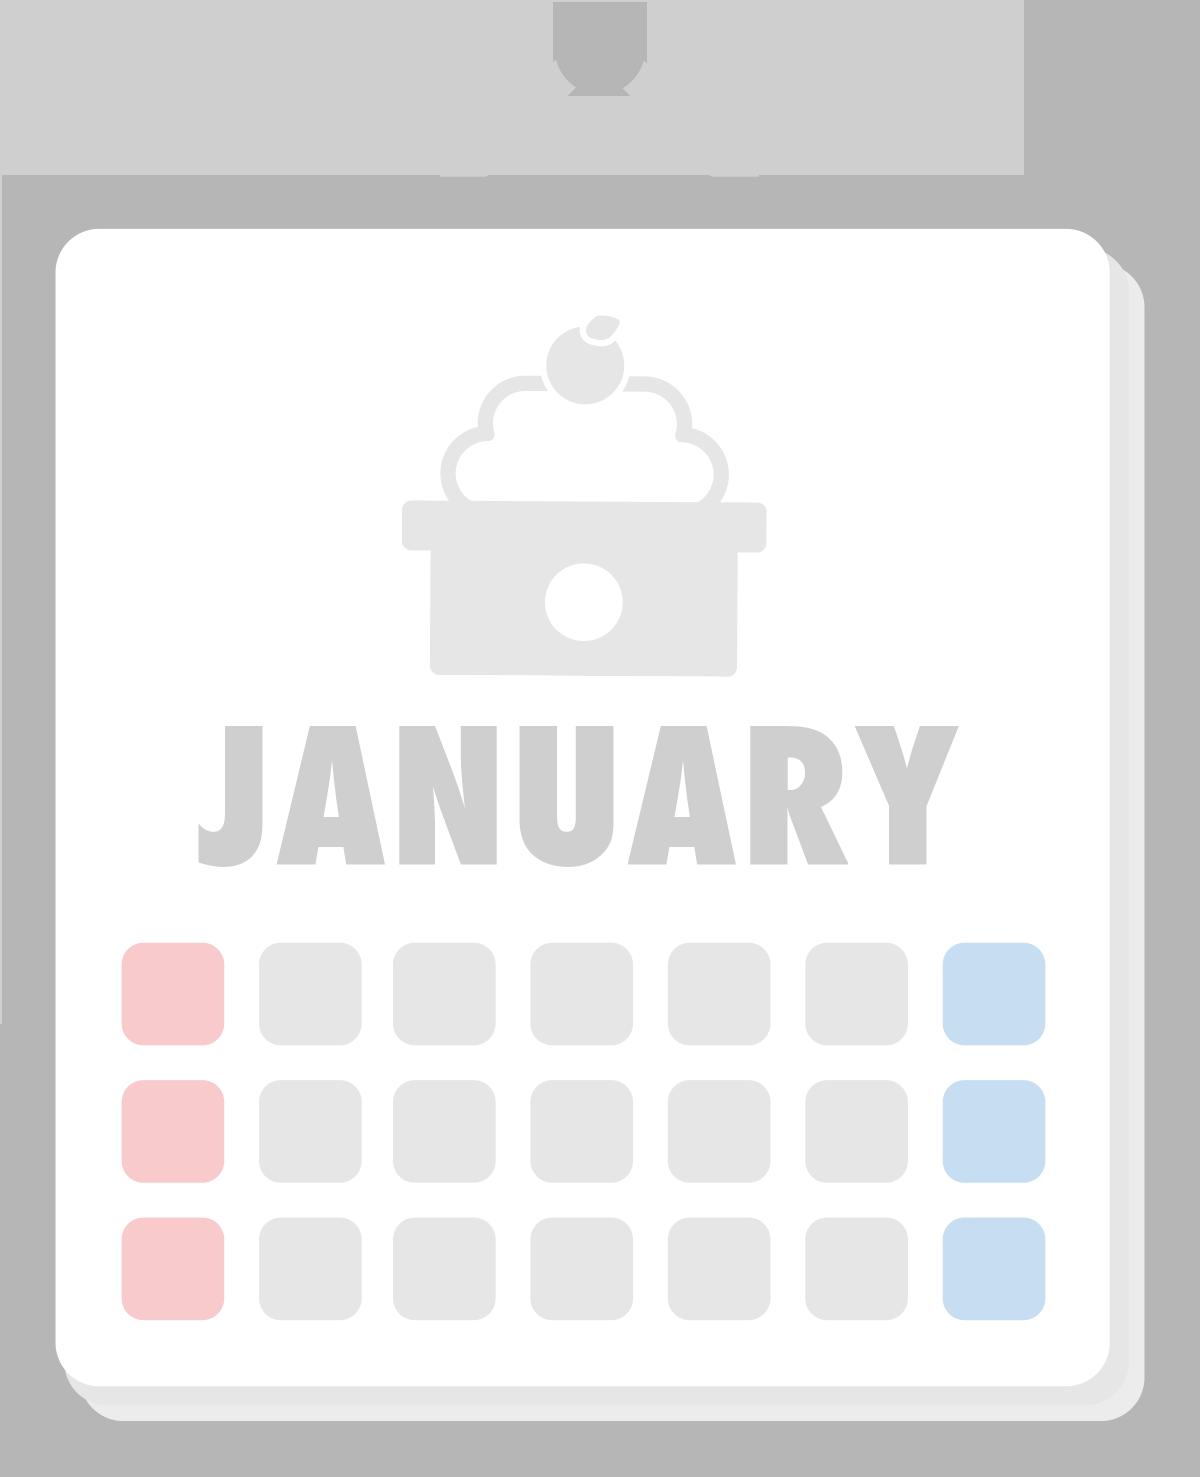 1月のカレンダーのイラスト